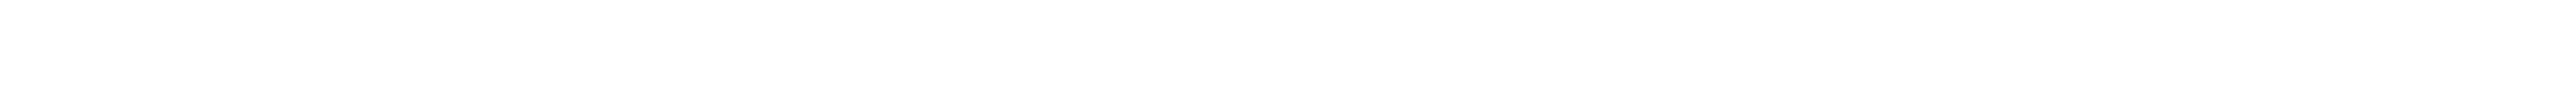 Combined logos RGB White Tero 2021 WHITE